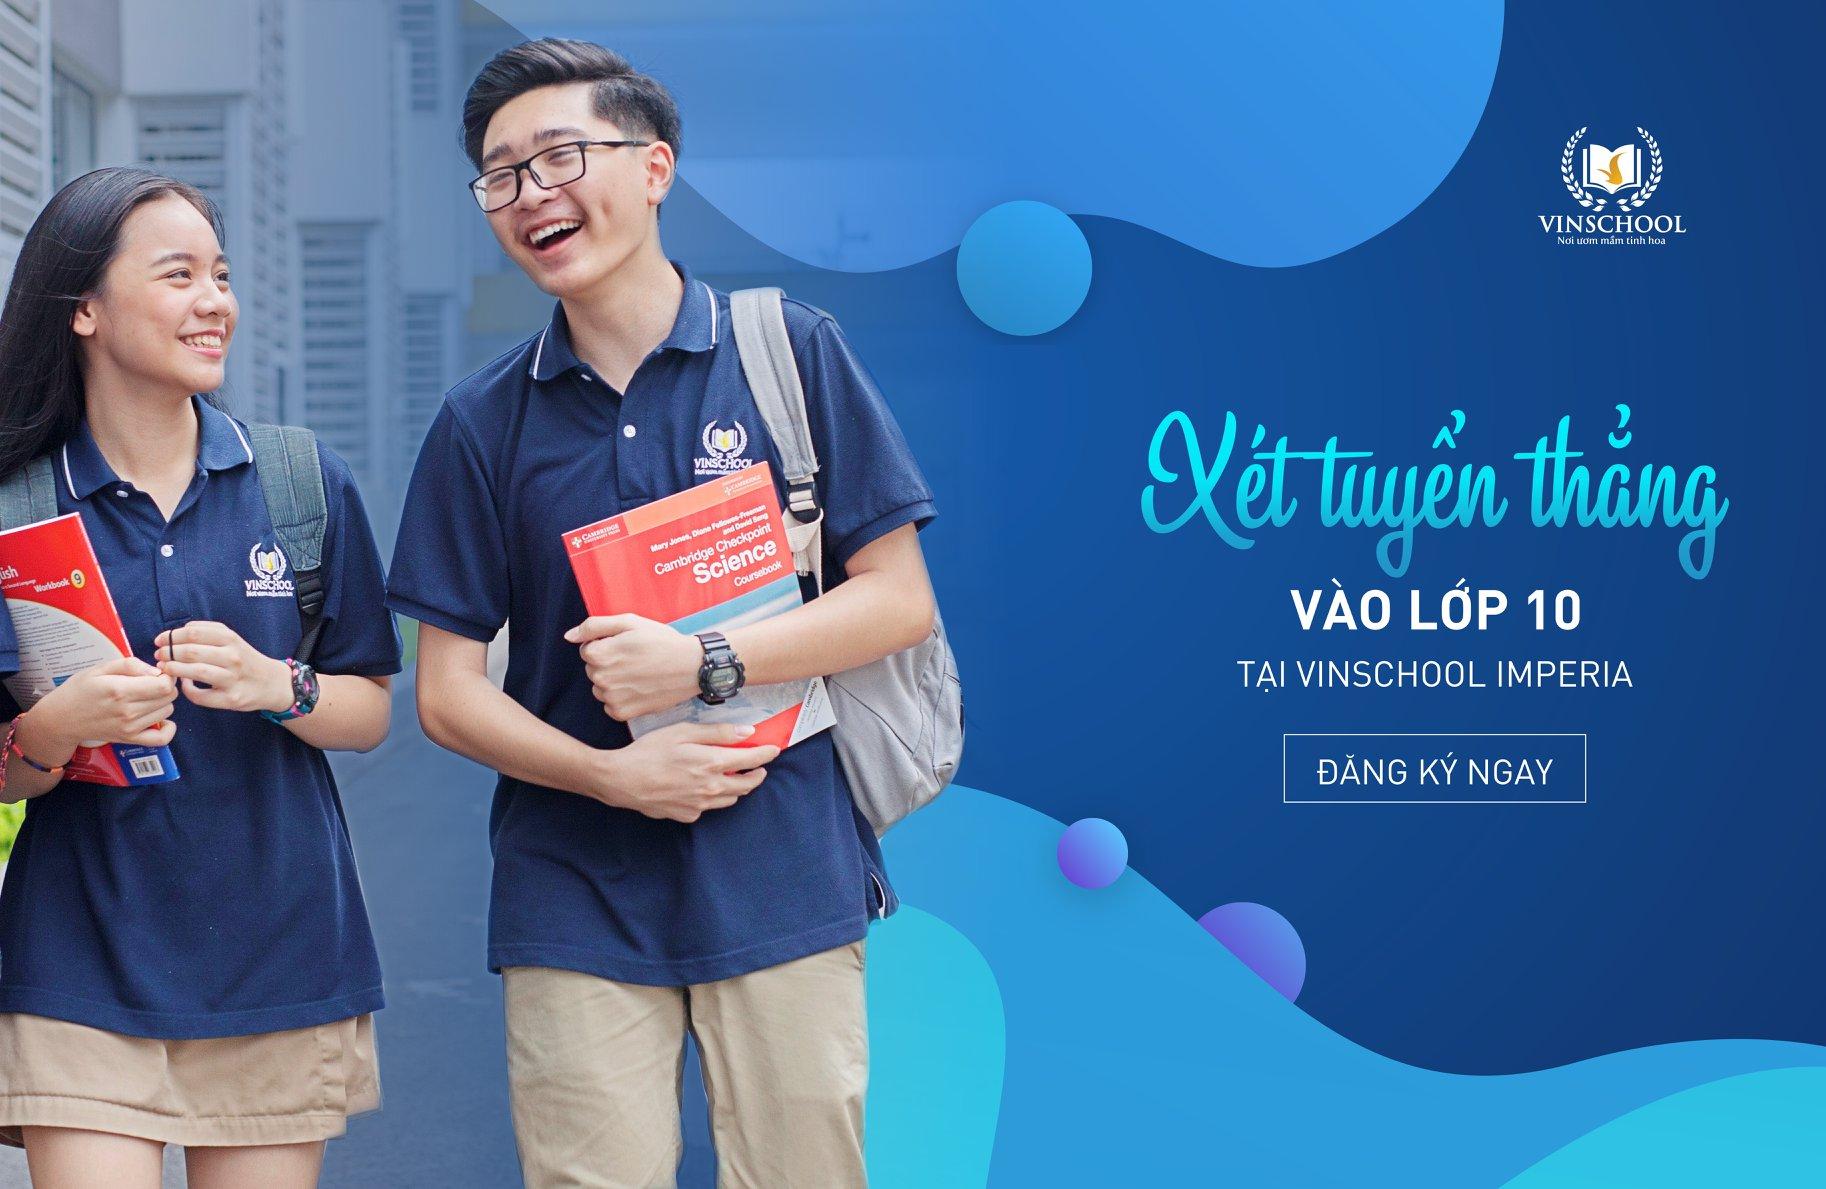 Chương trình xét tuyển thẳng vào 10 và  Chinh phục học bổng giá trị dành cho 3 năm học tại THPT Vinschool Imperia – Hải Phòng